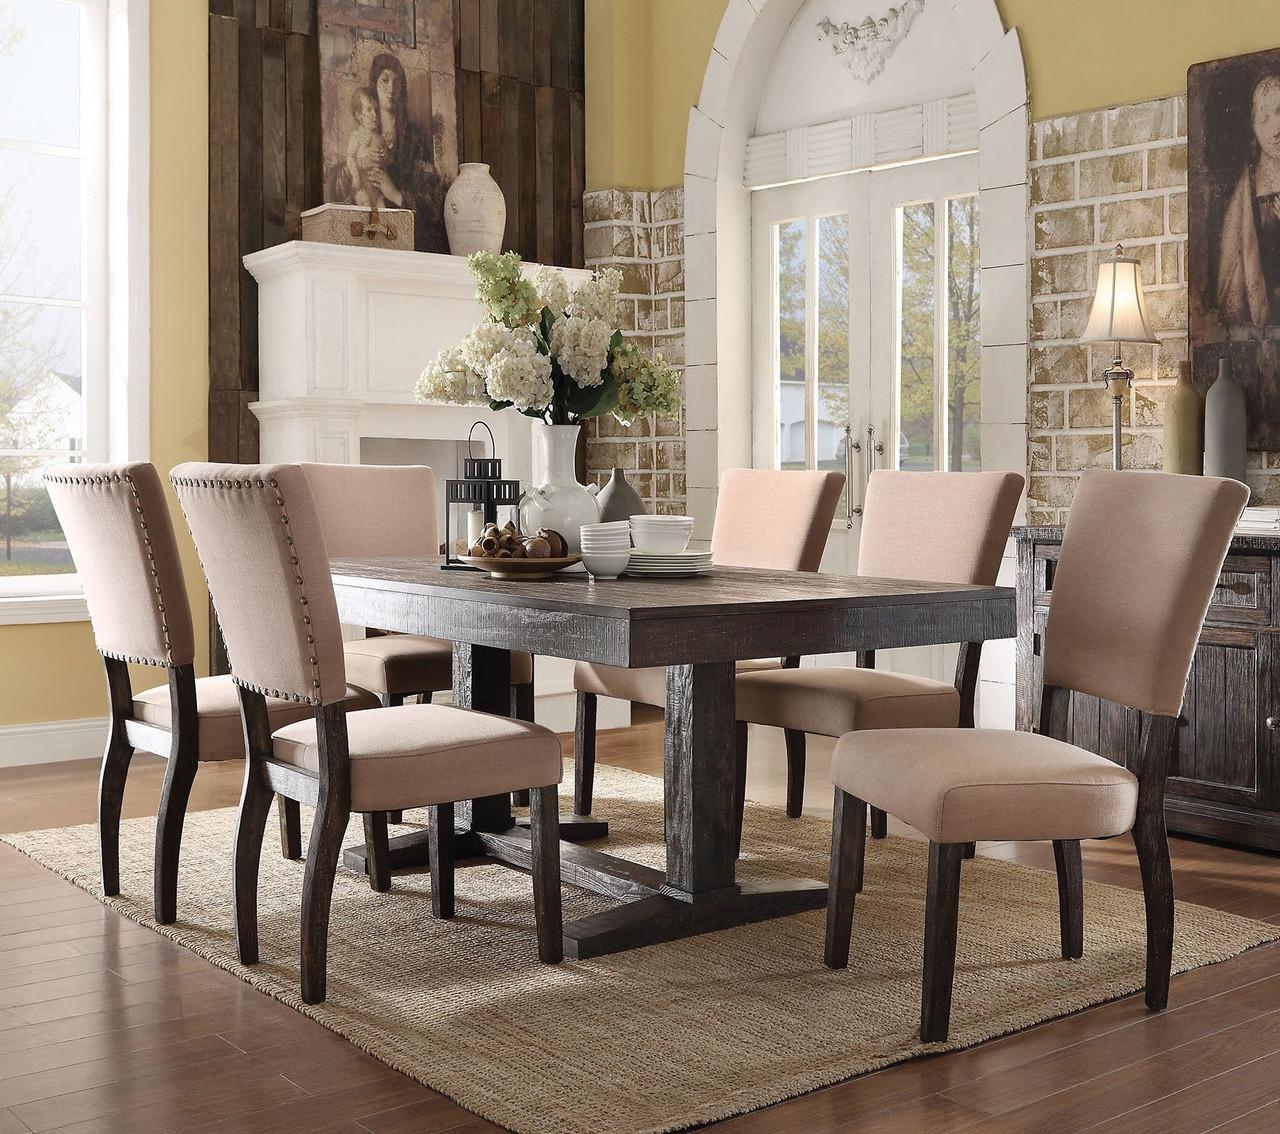 Oak Dining Room Furniture Sets: Eliana 7PC Salvaged Dark Oak Dining Room Table Set